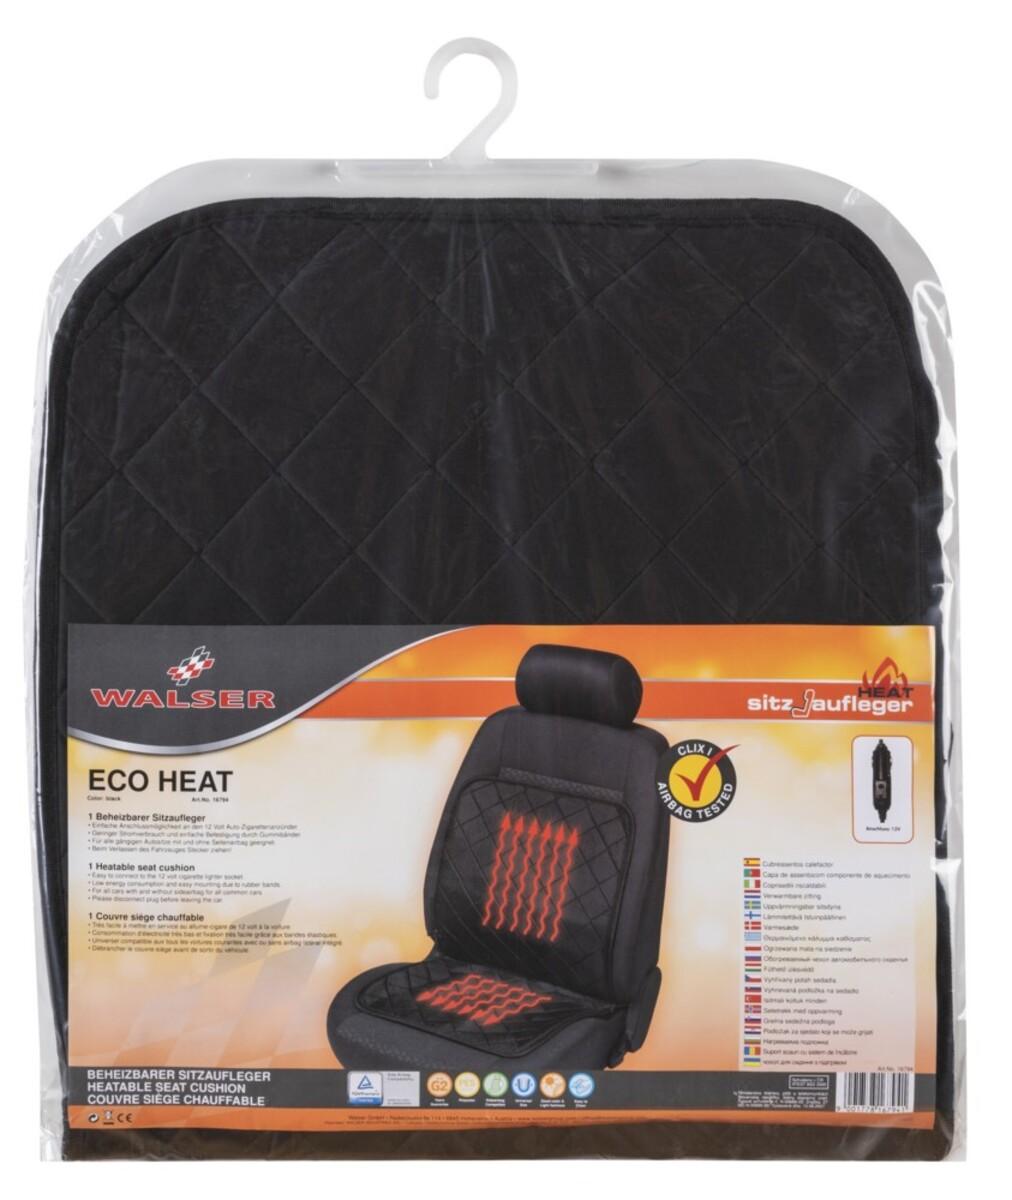 Bild 2 von Walser KFZ Heizsitzaufleger Eco Heat schwarz